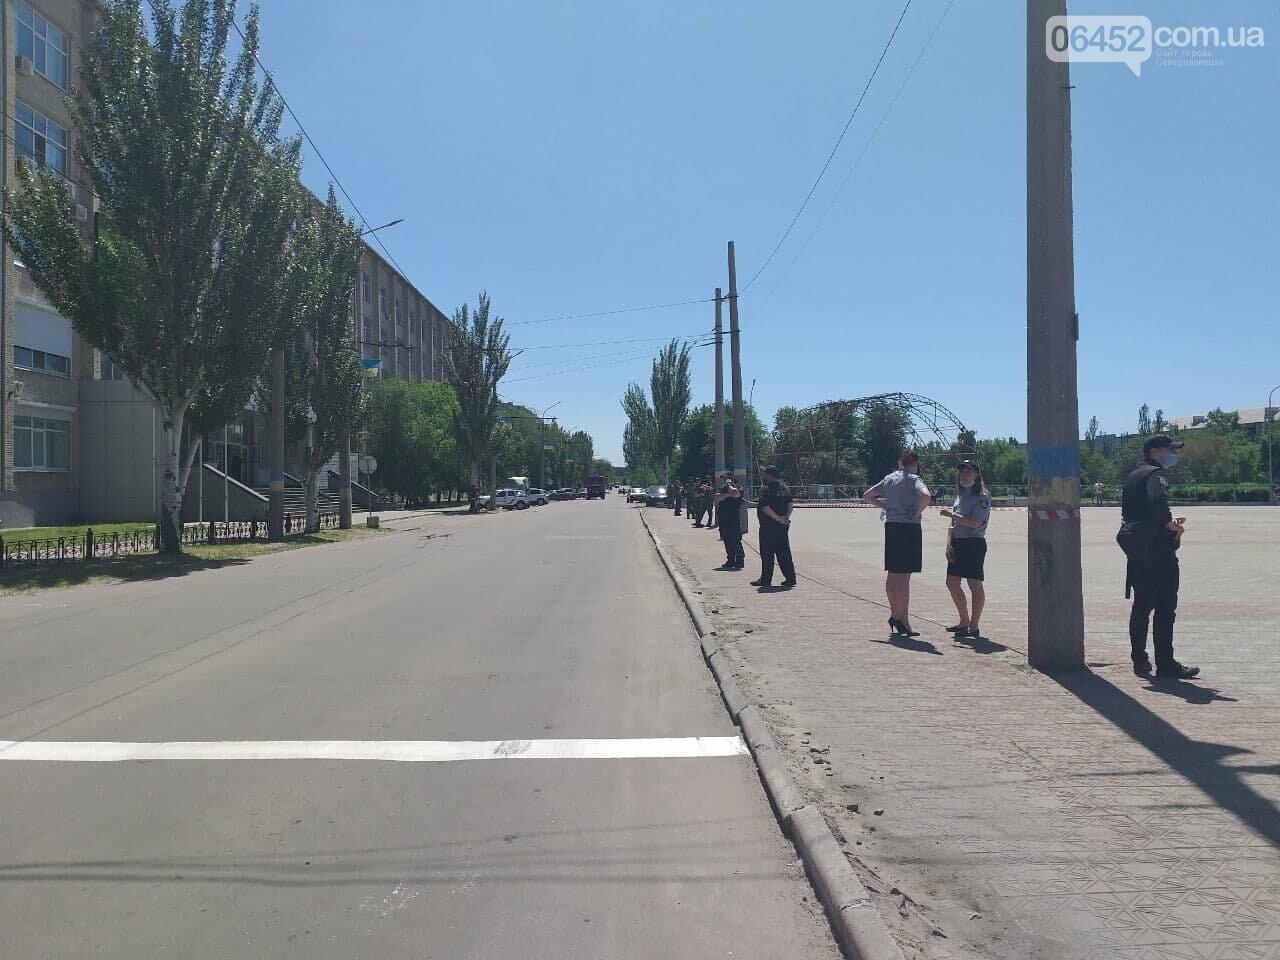 В Северодонецке неизвестный сообщил о минировании корпусов двух университетов (фото), фото-11